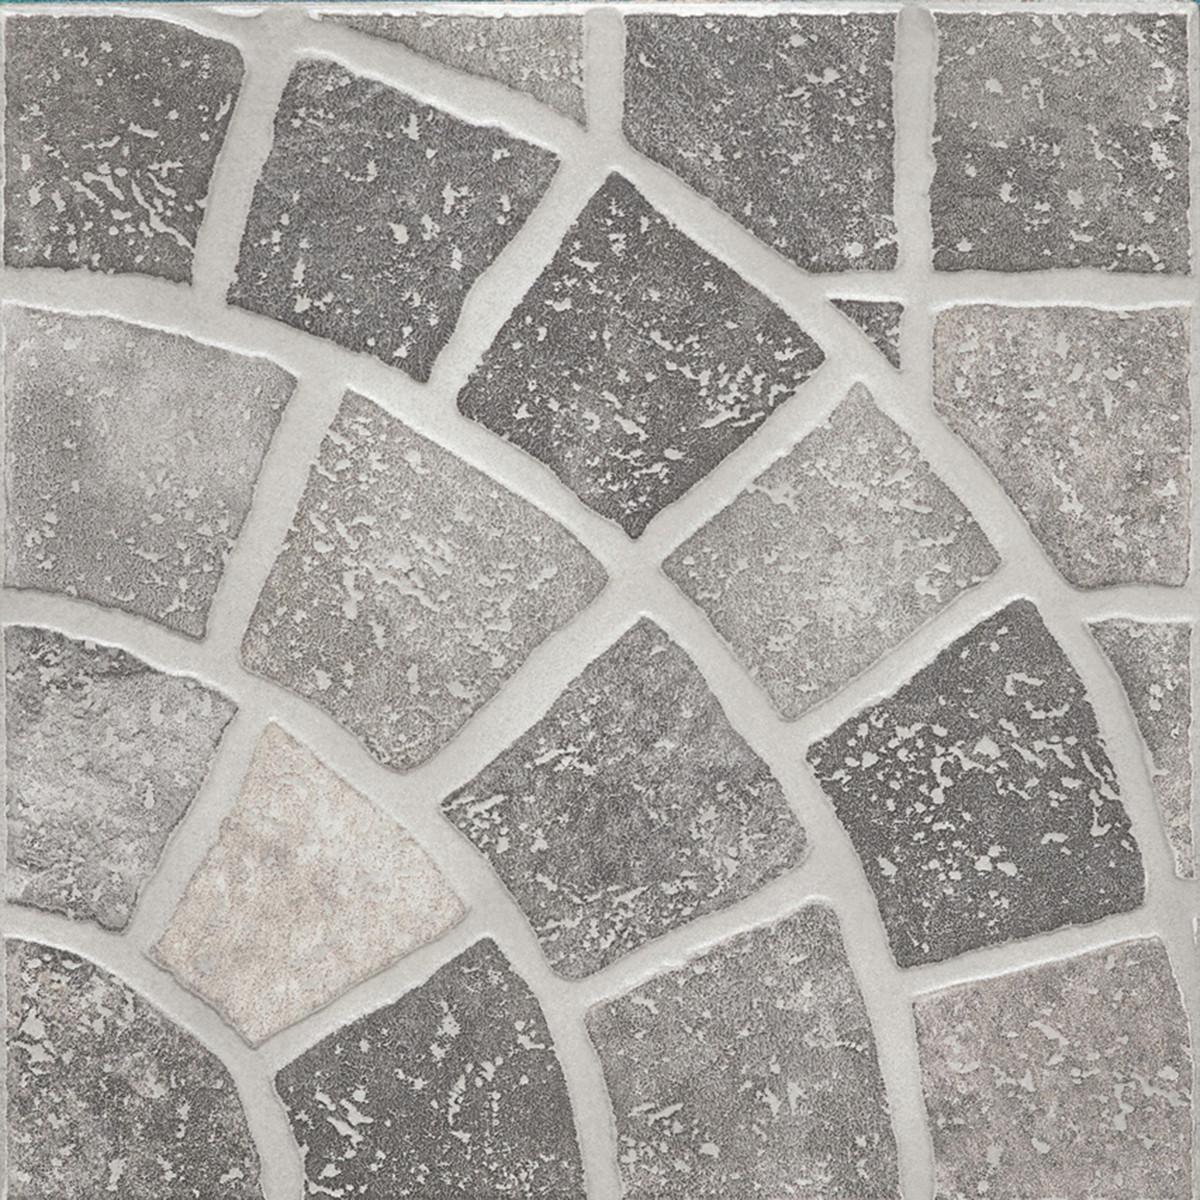 Mattonato da esterno come pulire i pavimenti da esterno - Piastrelle esterno prezzi ...